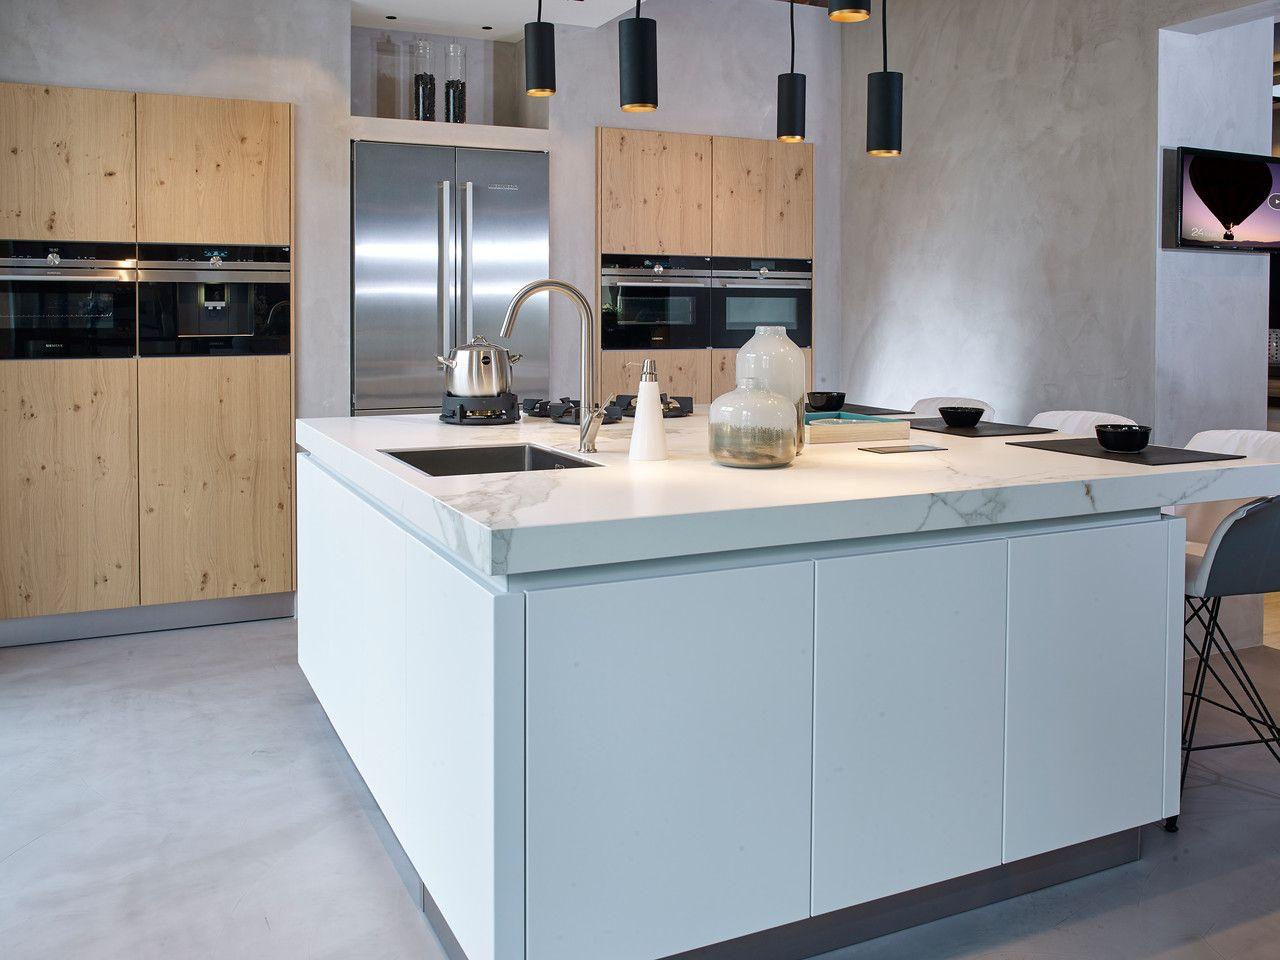 Deze Next125 by Tieleman keuken is prachtig. De witte keukenfrontjes ...